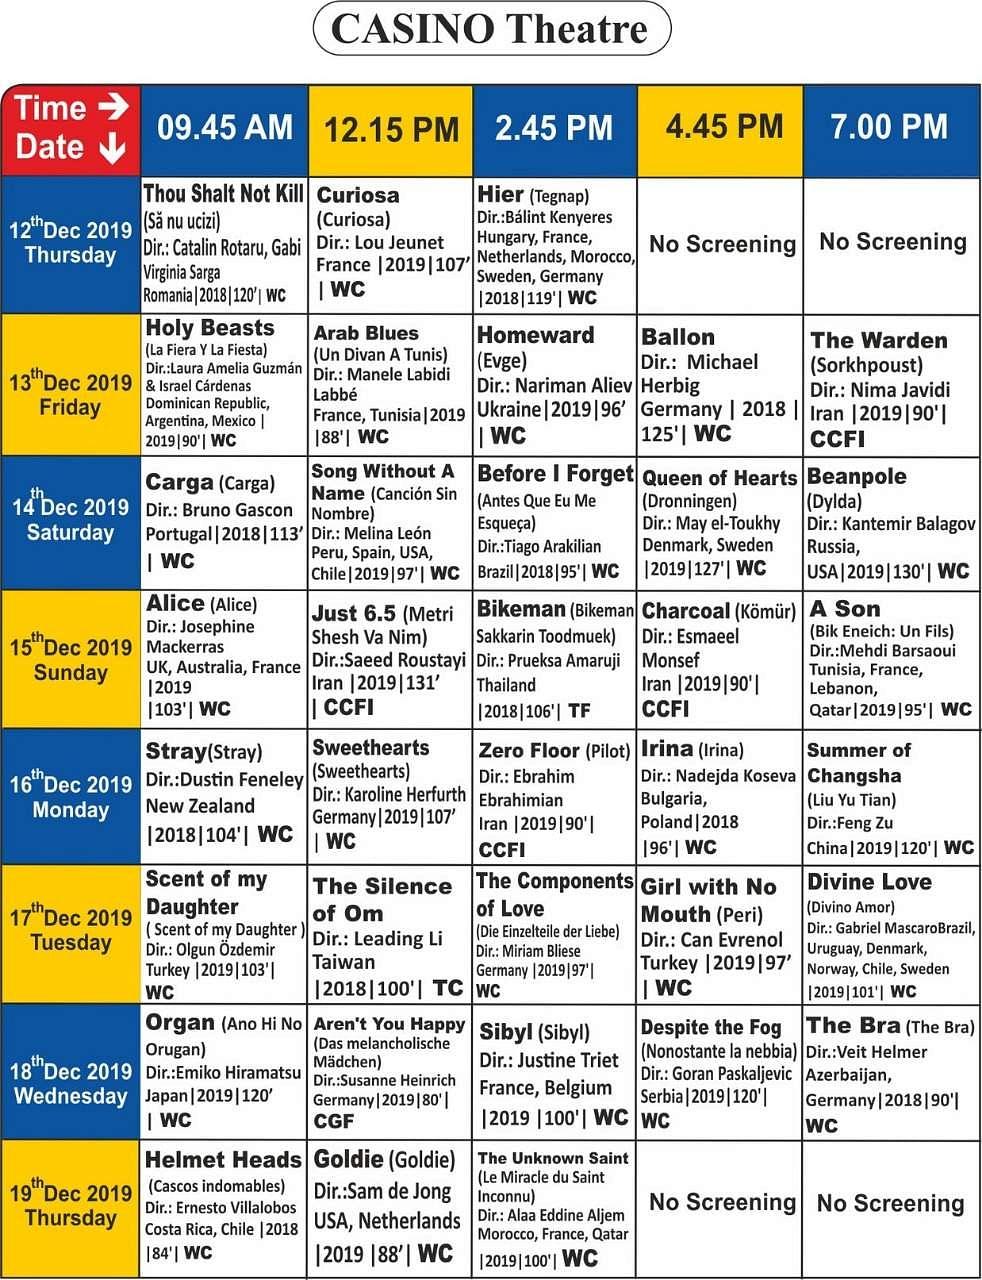 சென்னை சா்வதேச திரைப்பட விழாவில் திரையிடப்படும் படங்கள்: முழுப் பட்டியல்! Casino_Screening_Details_(1)